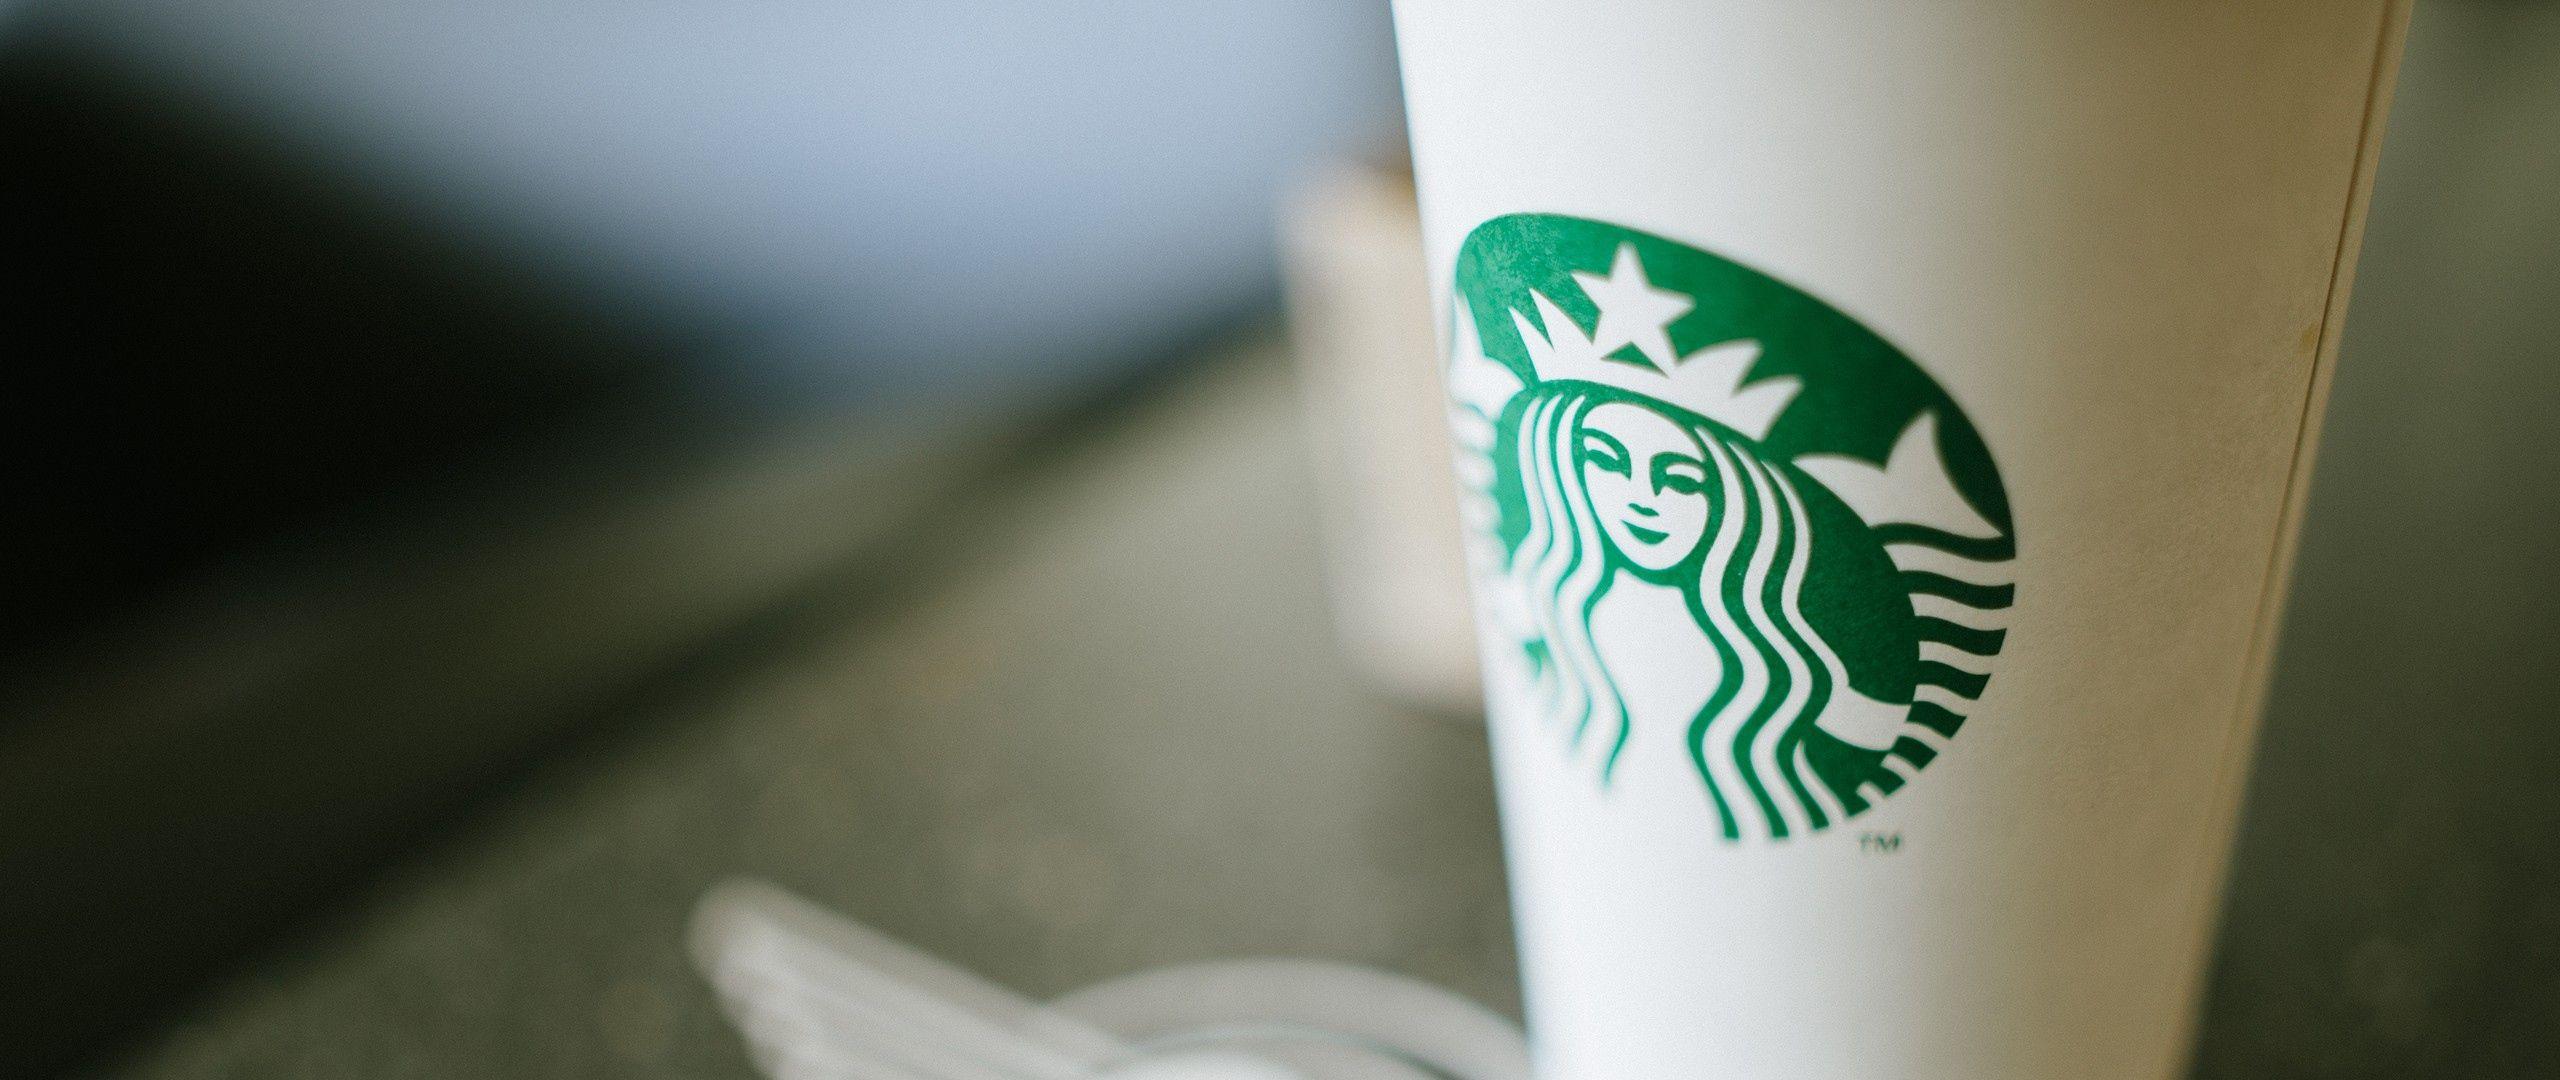 Il classico bicchiere di Starbucks